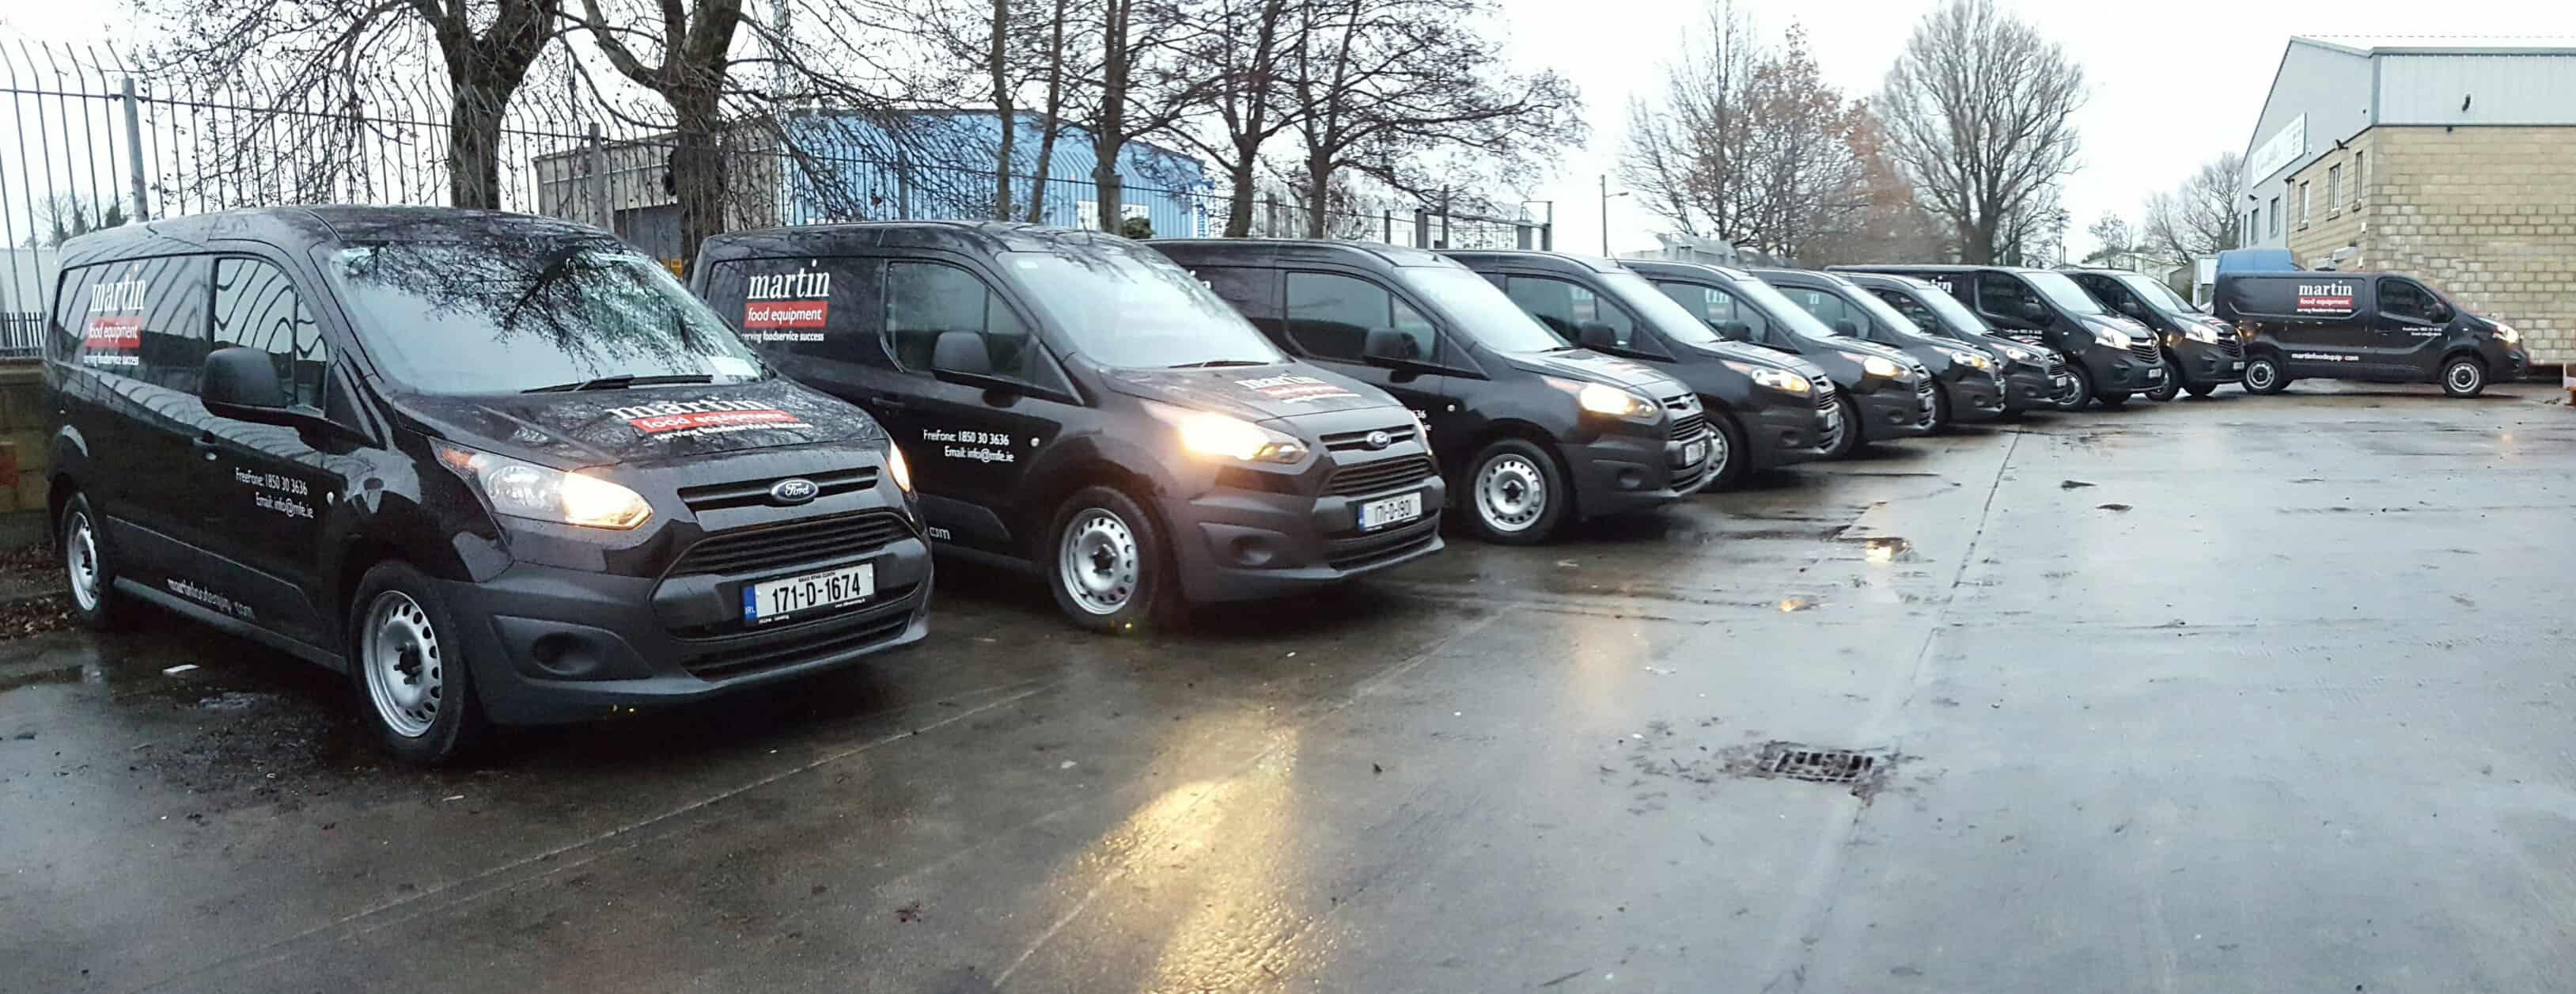 Martin Food Equipment Vans-Resized New Fleet of MFE Vans for 2017 News